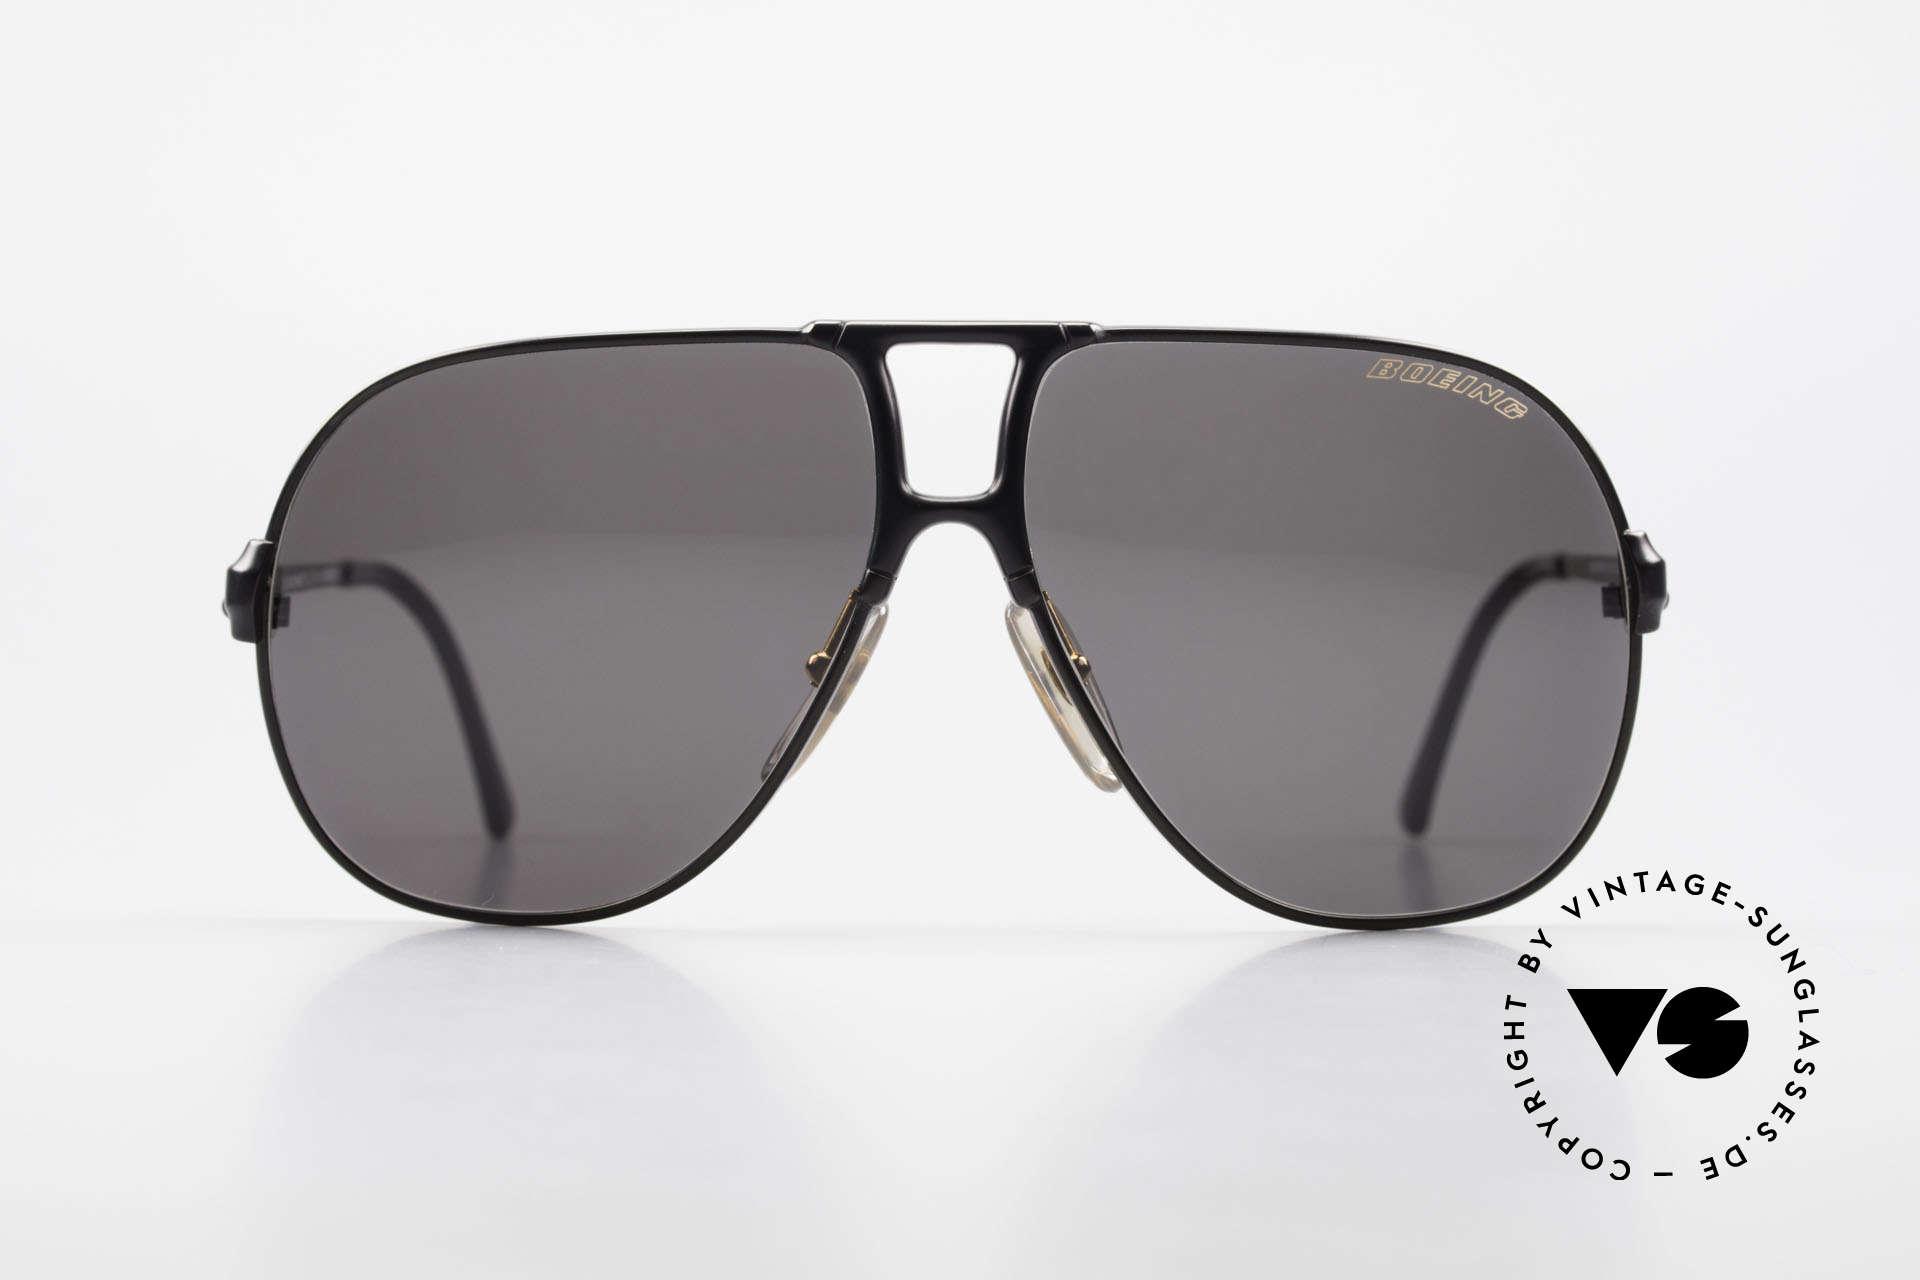 Boeing 5700 Vintage 80er Piloten Brille, von Carrera eigens für Boeing-Piloten angefertigt, Passend für Herren und Damen